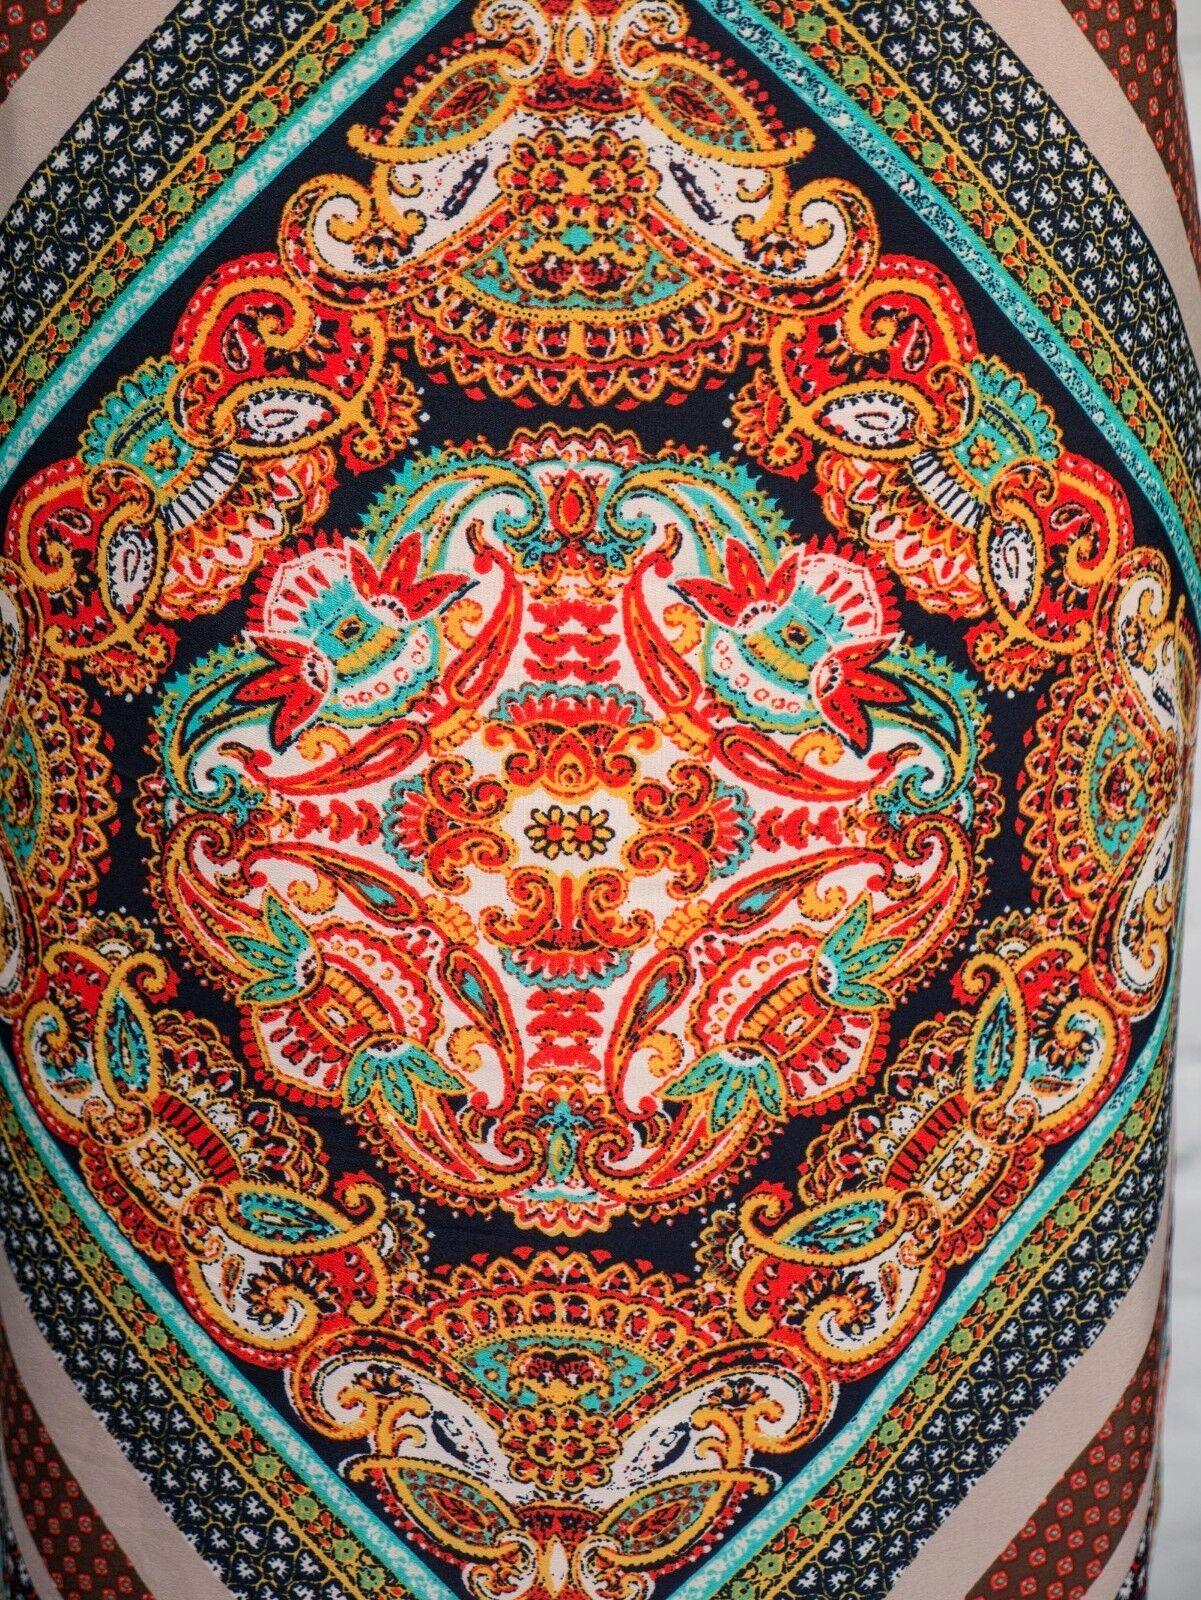 Una M&S Rosso Per Abito Taglia Taglia Taglia 14 Tile Print Etnico Boho Cintura 7c8cb5